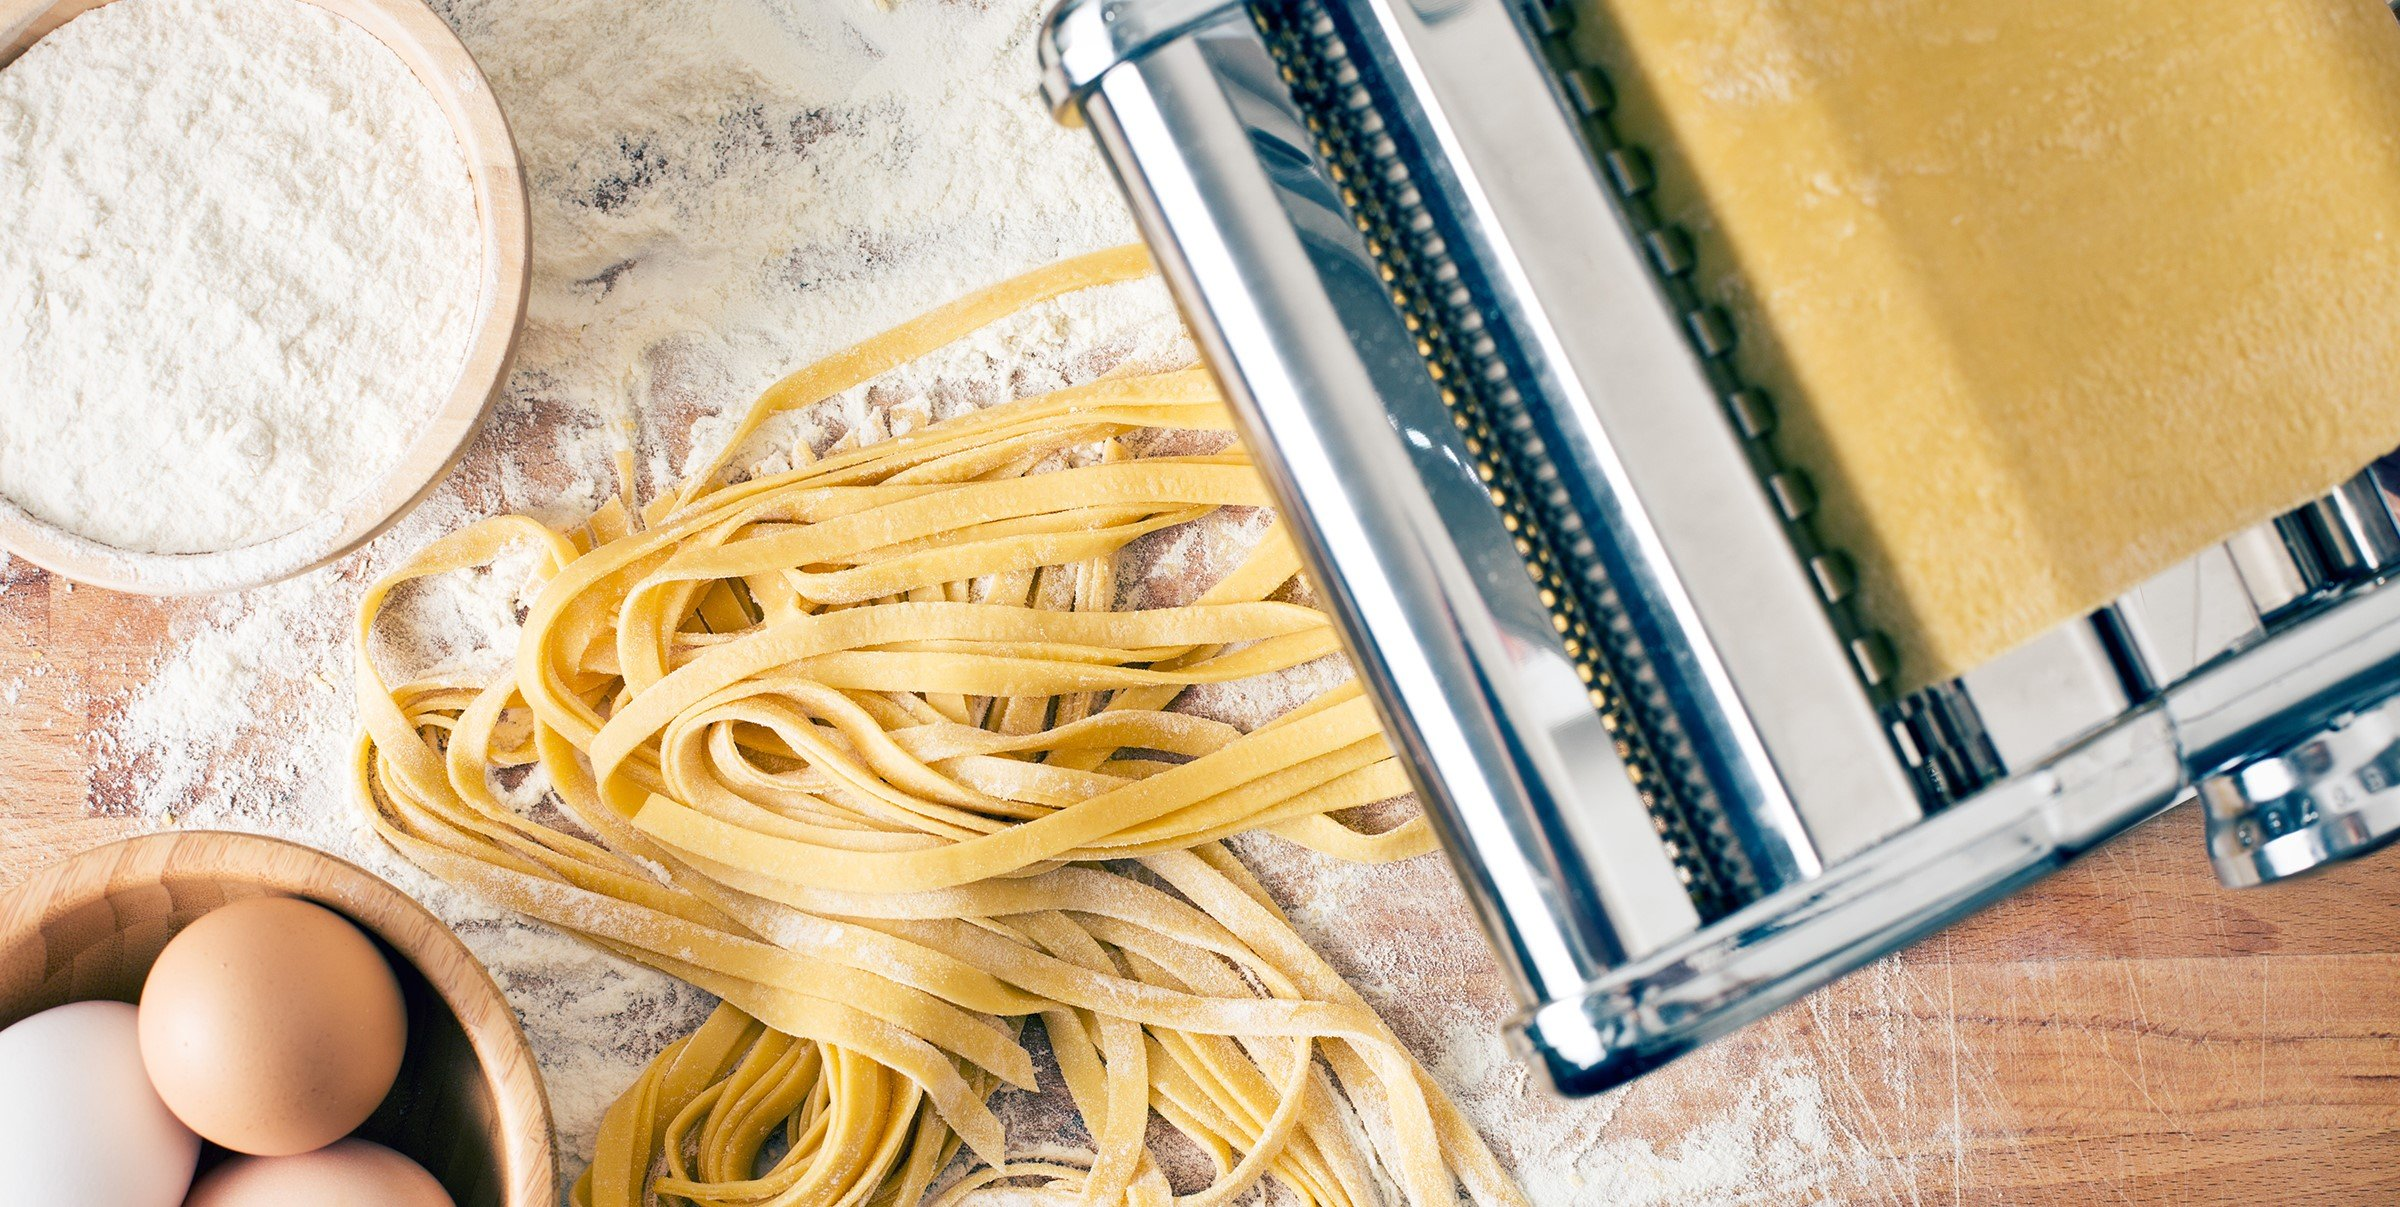 Macchina Atlas per stendere la pasta